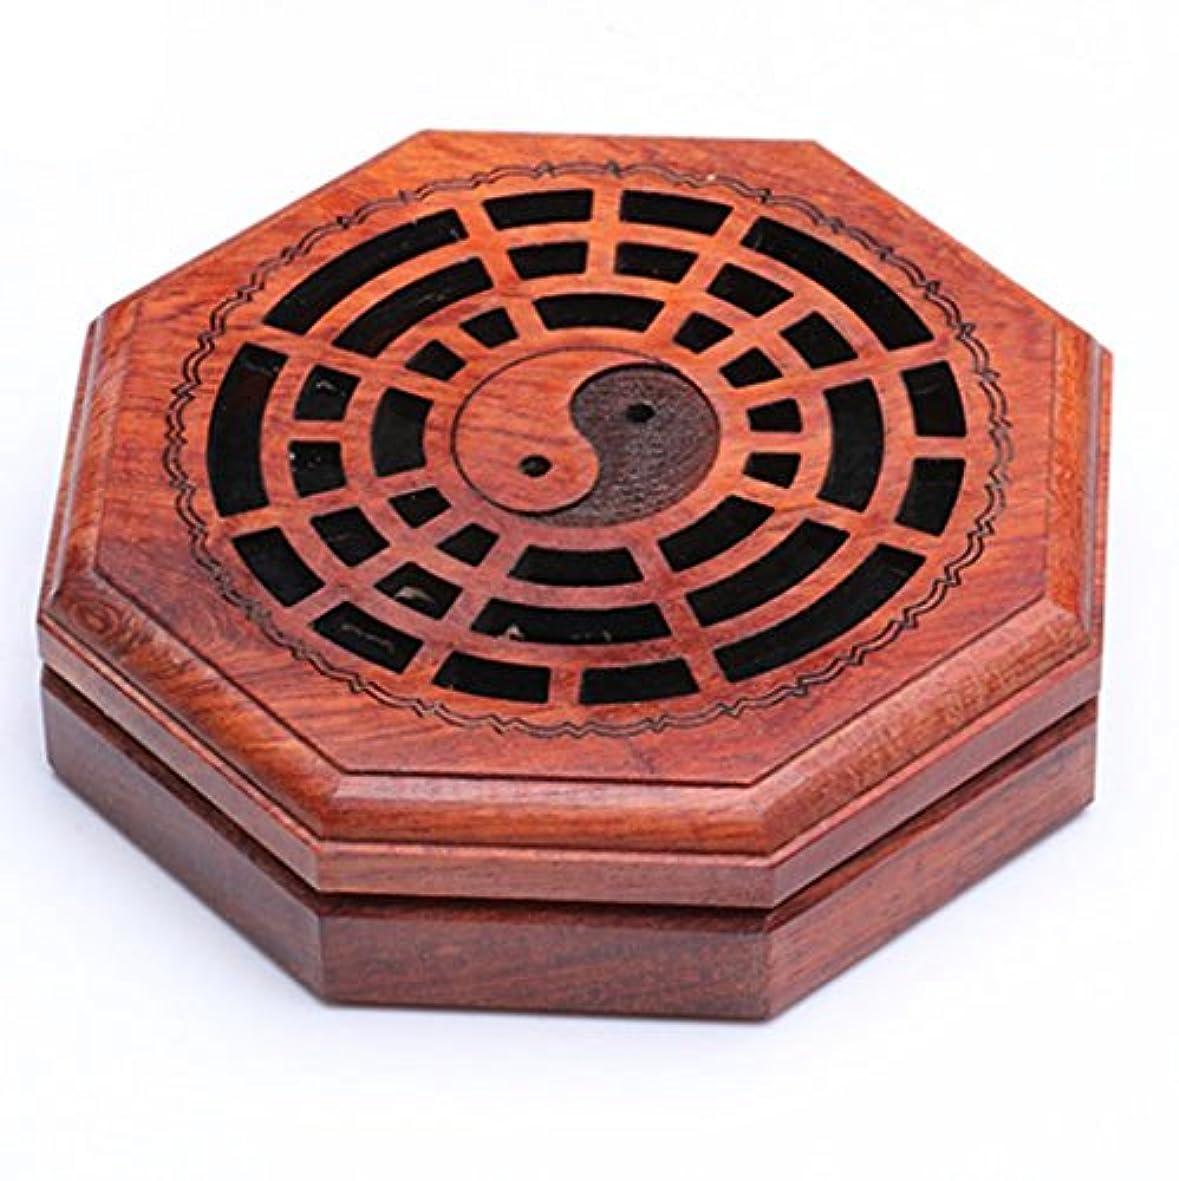 コンドーム前書きピット(ラシューバー) Lasuiveur 香炉 線香立て 香立て 職人さんの手作り 茶道用品 おしゃれ  木製 透かし彫り